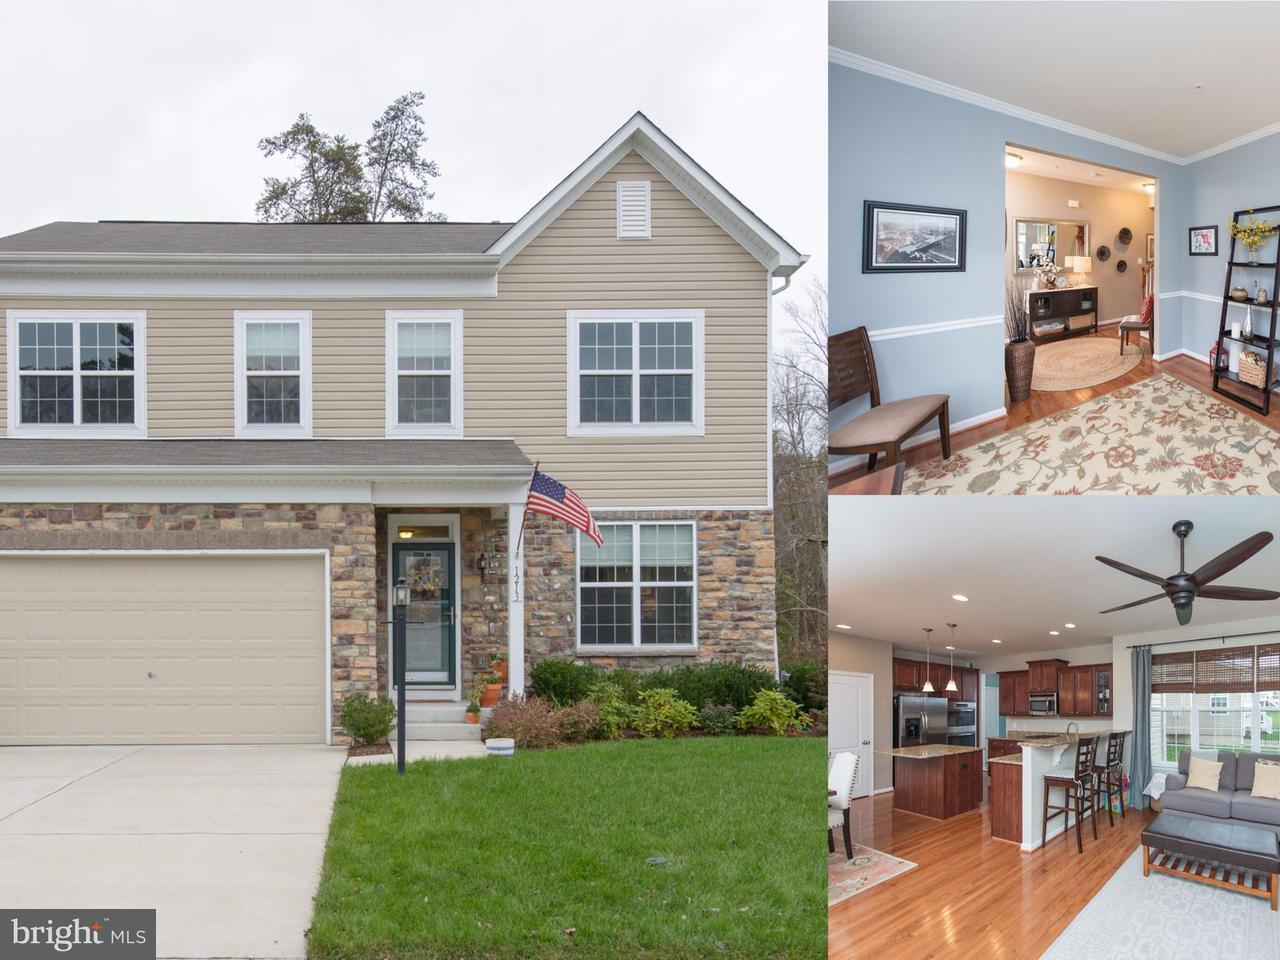 一戸建て のために 売買 アット 1213 BRADLEY Road 1213 BRADLEY Road Severn, メリーランド 21144 アメリカ合衆国